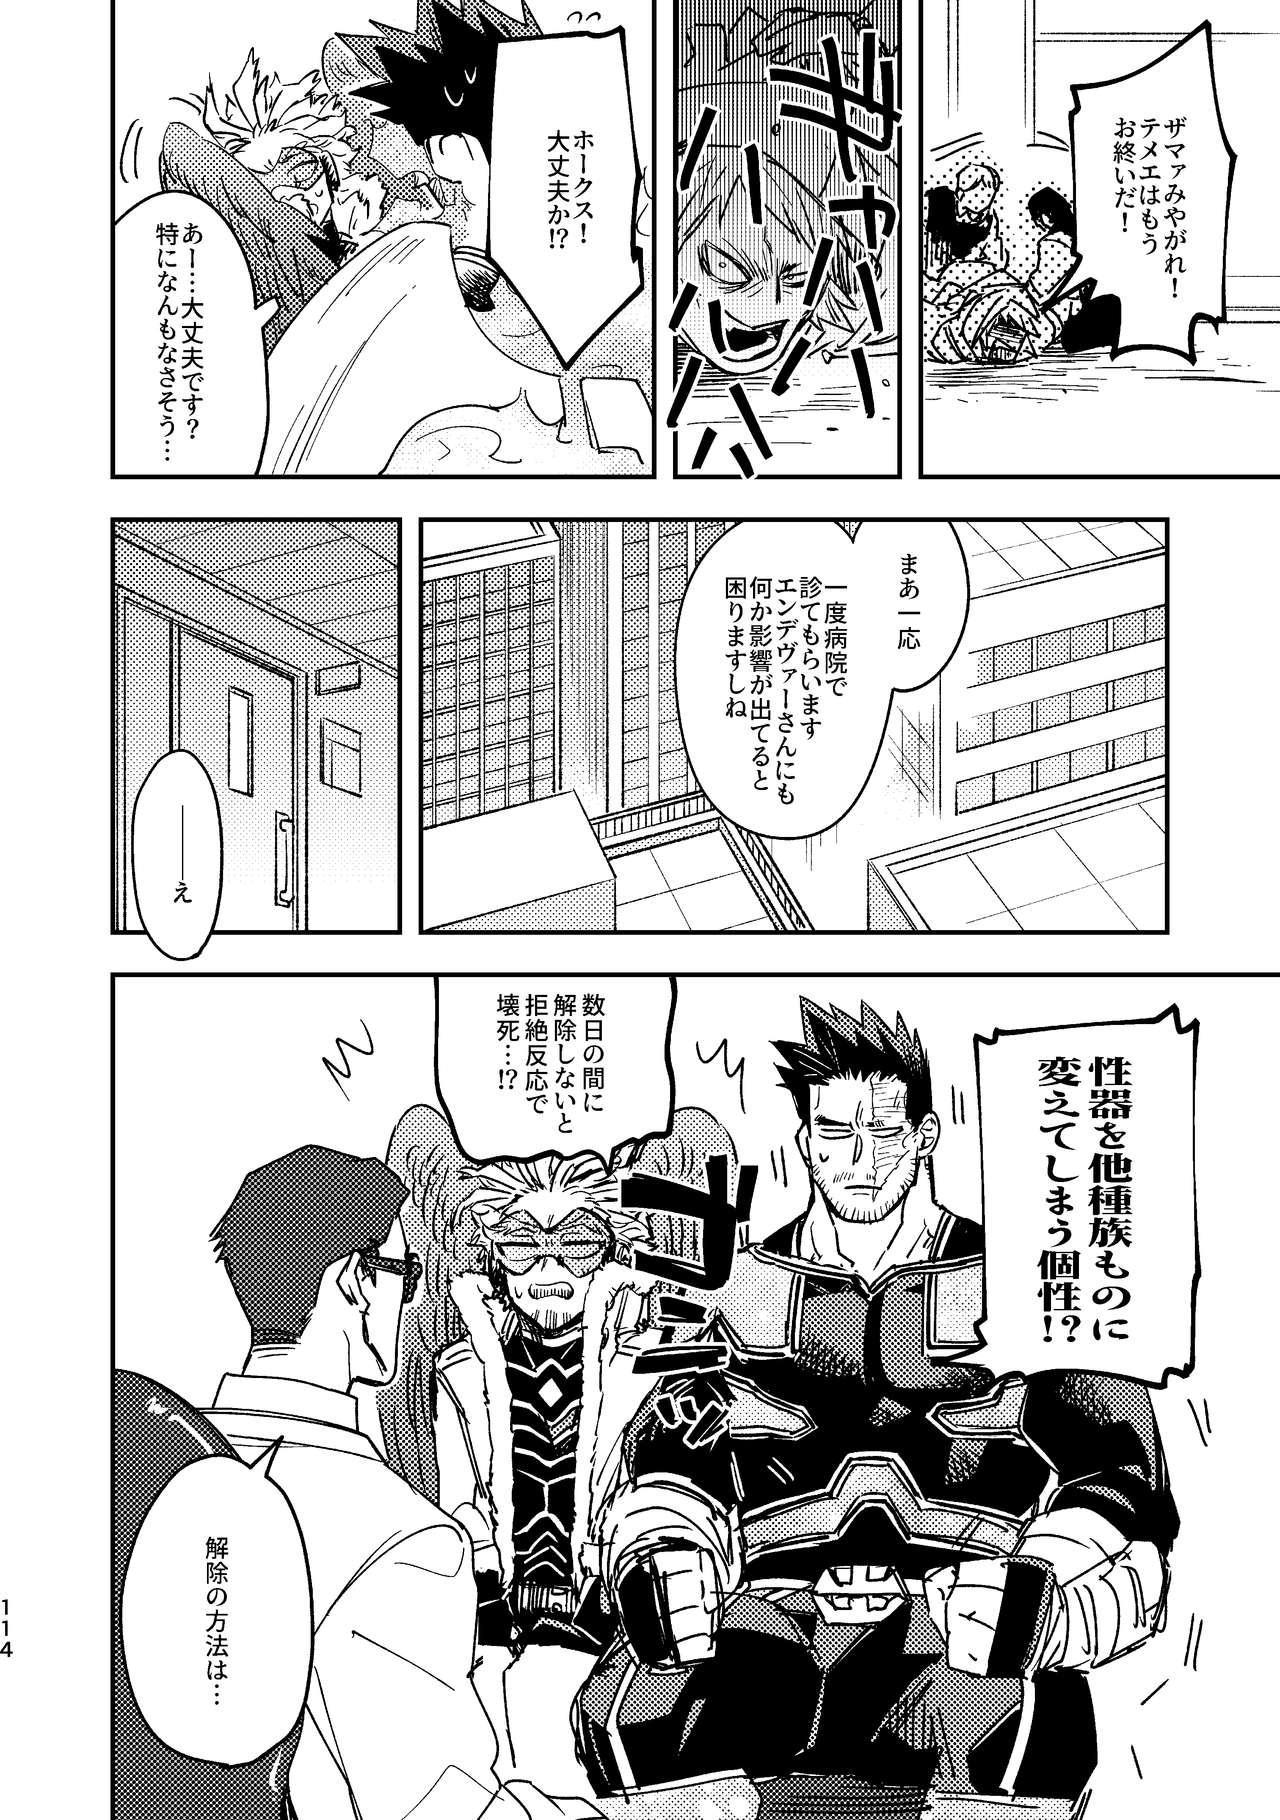 WEB Sairoku Zumi HawEn Manga ga Kami demo Yomeru Hon. 113